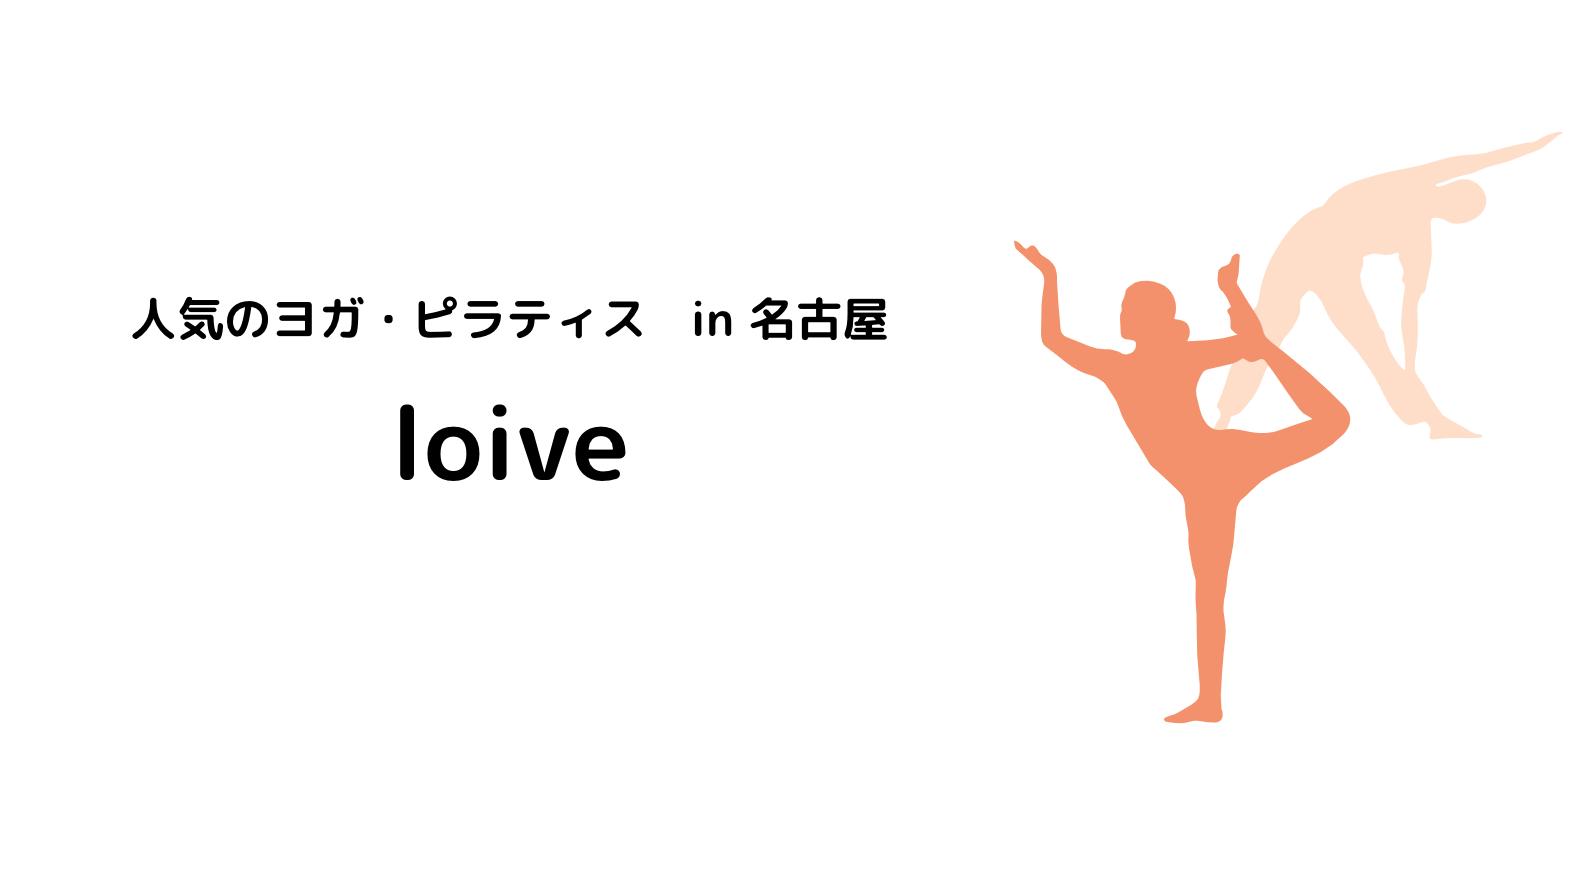 名古屋_ジム_ヨガ_ピラティス_おすすめ_人気_loive